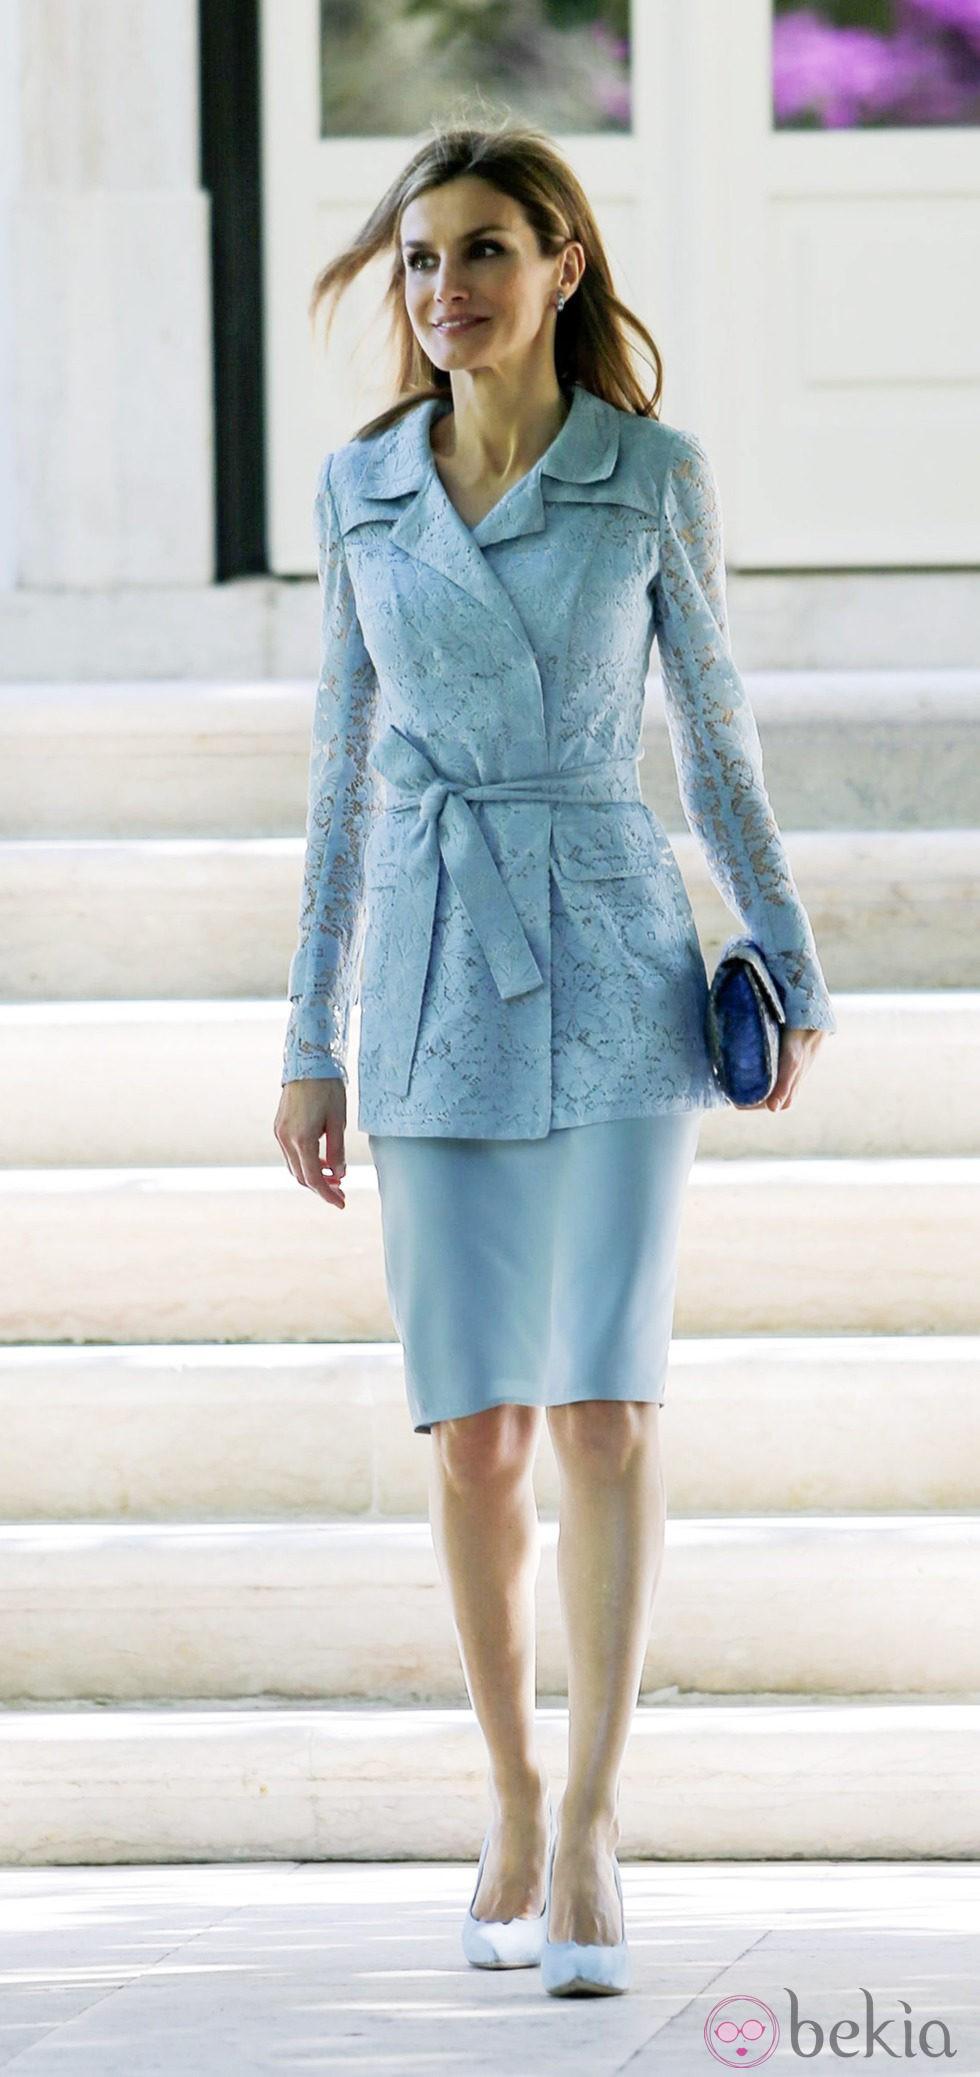 61216_reina-letizia-vestido-azul-chaqueta-encaje.jpg